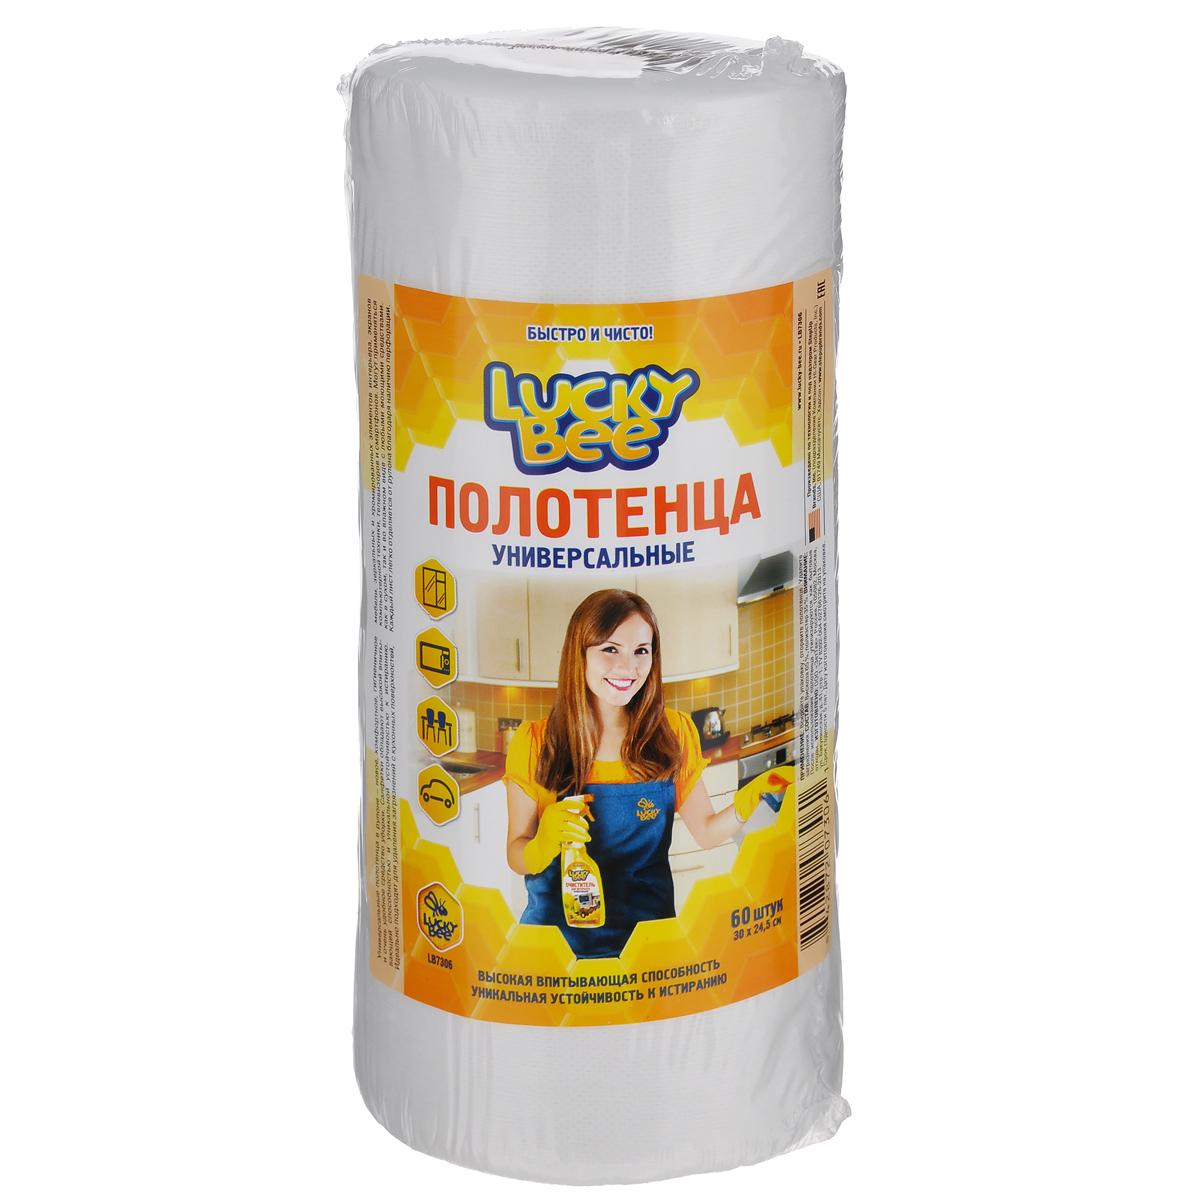 Полотенца Lucky Bee универсальные, цвет: белый, 30 см х 24,5 см, 60 штLB7306Универсальные полотенца в рулоне Lucky Bee изготовлены из 65% вискозы и 35% полиэстера. В наборе - 60 штук. Изделия обладают высокой впитывающей способностью и уникальной устойчивостью к истиранию. Идеально подходят для удаления загрязнений с кухонных поверхностей, мебели, зеркальных и хромированных элементов интерьера, экранов компьютерной техники, телевизоров и смартфонов. Полотенца могут применяться как в сухом, так и во влажном виде с любыми моющими средствами. Каждый лист легко отделяется от рулона благодаря наличию перфорации. Размер полотенца: 30 см х 24,5 см.